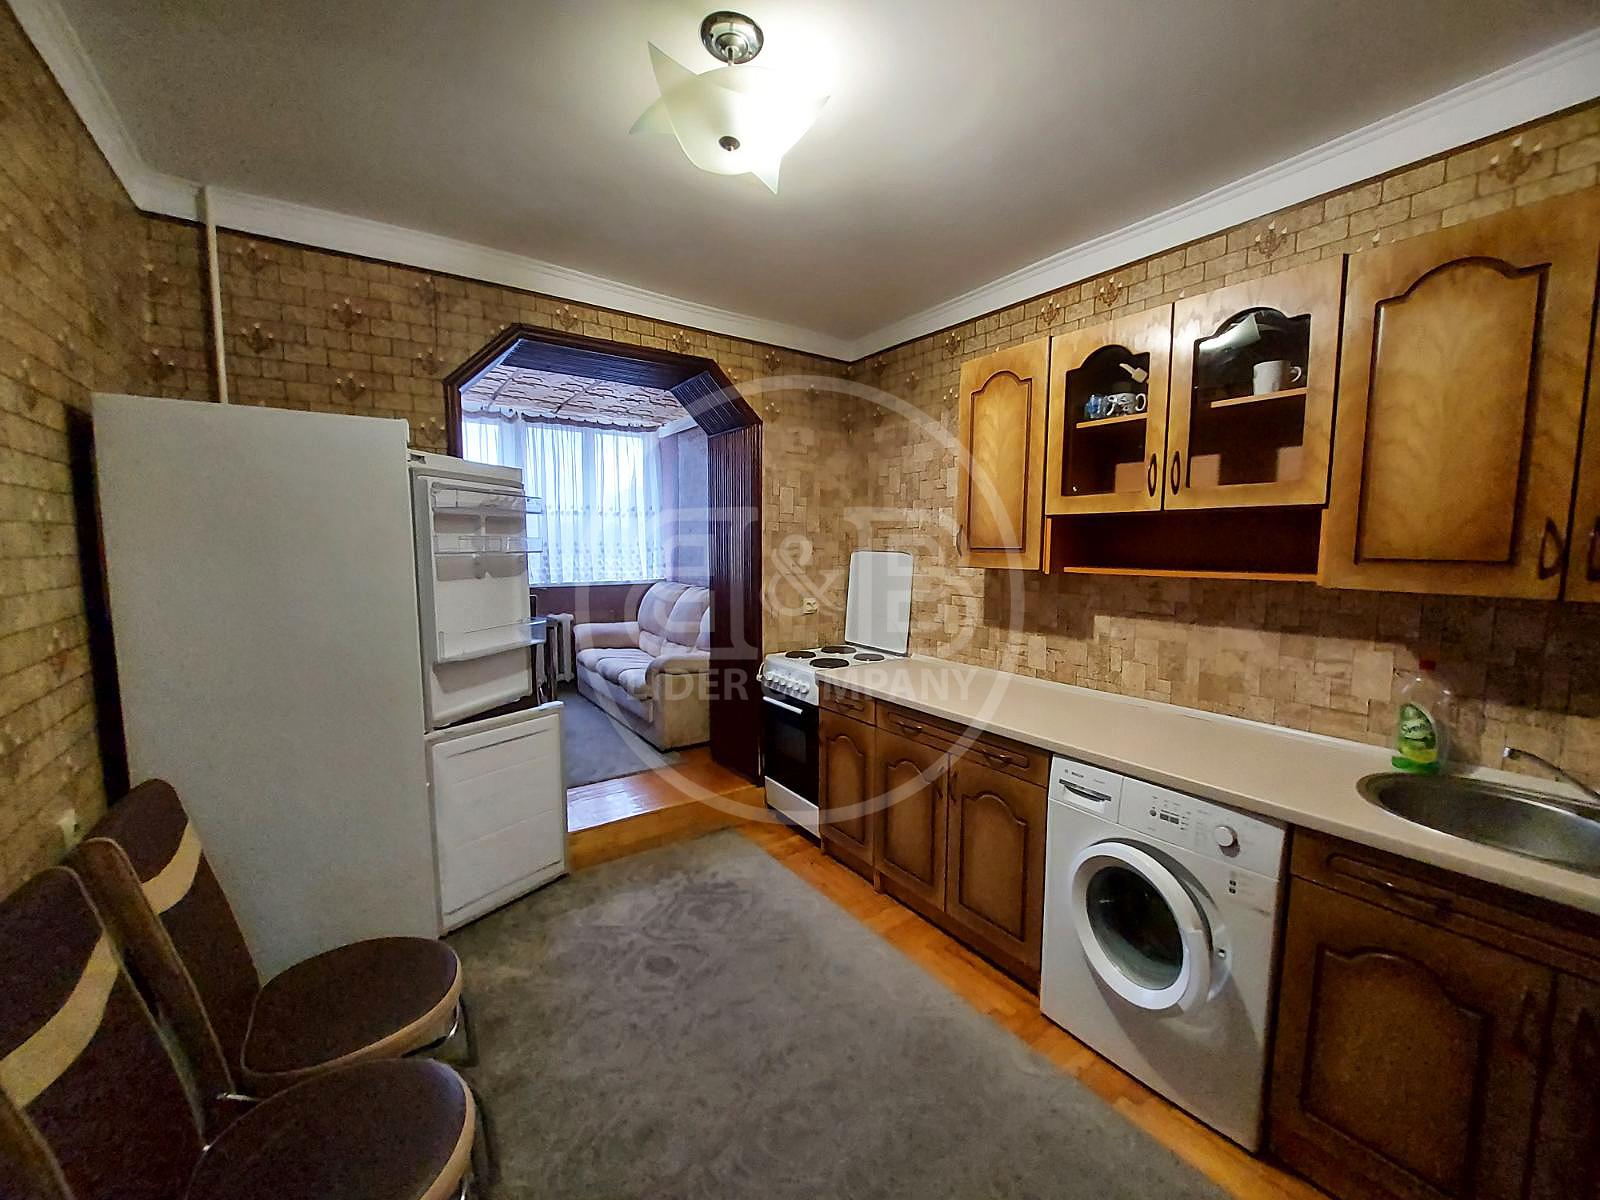 Apartament cu 2 camere separate 78 m2 Centru, str. Albișoara